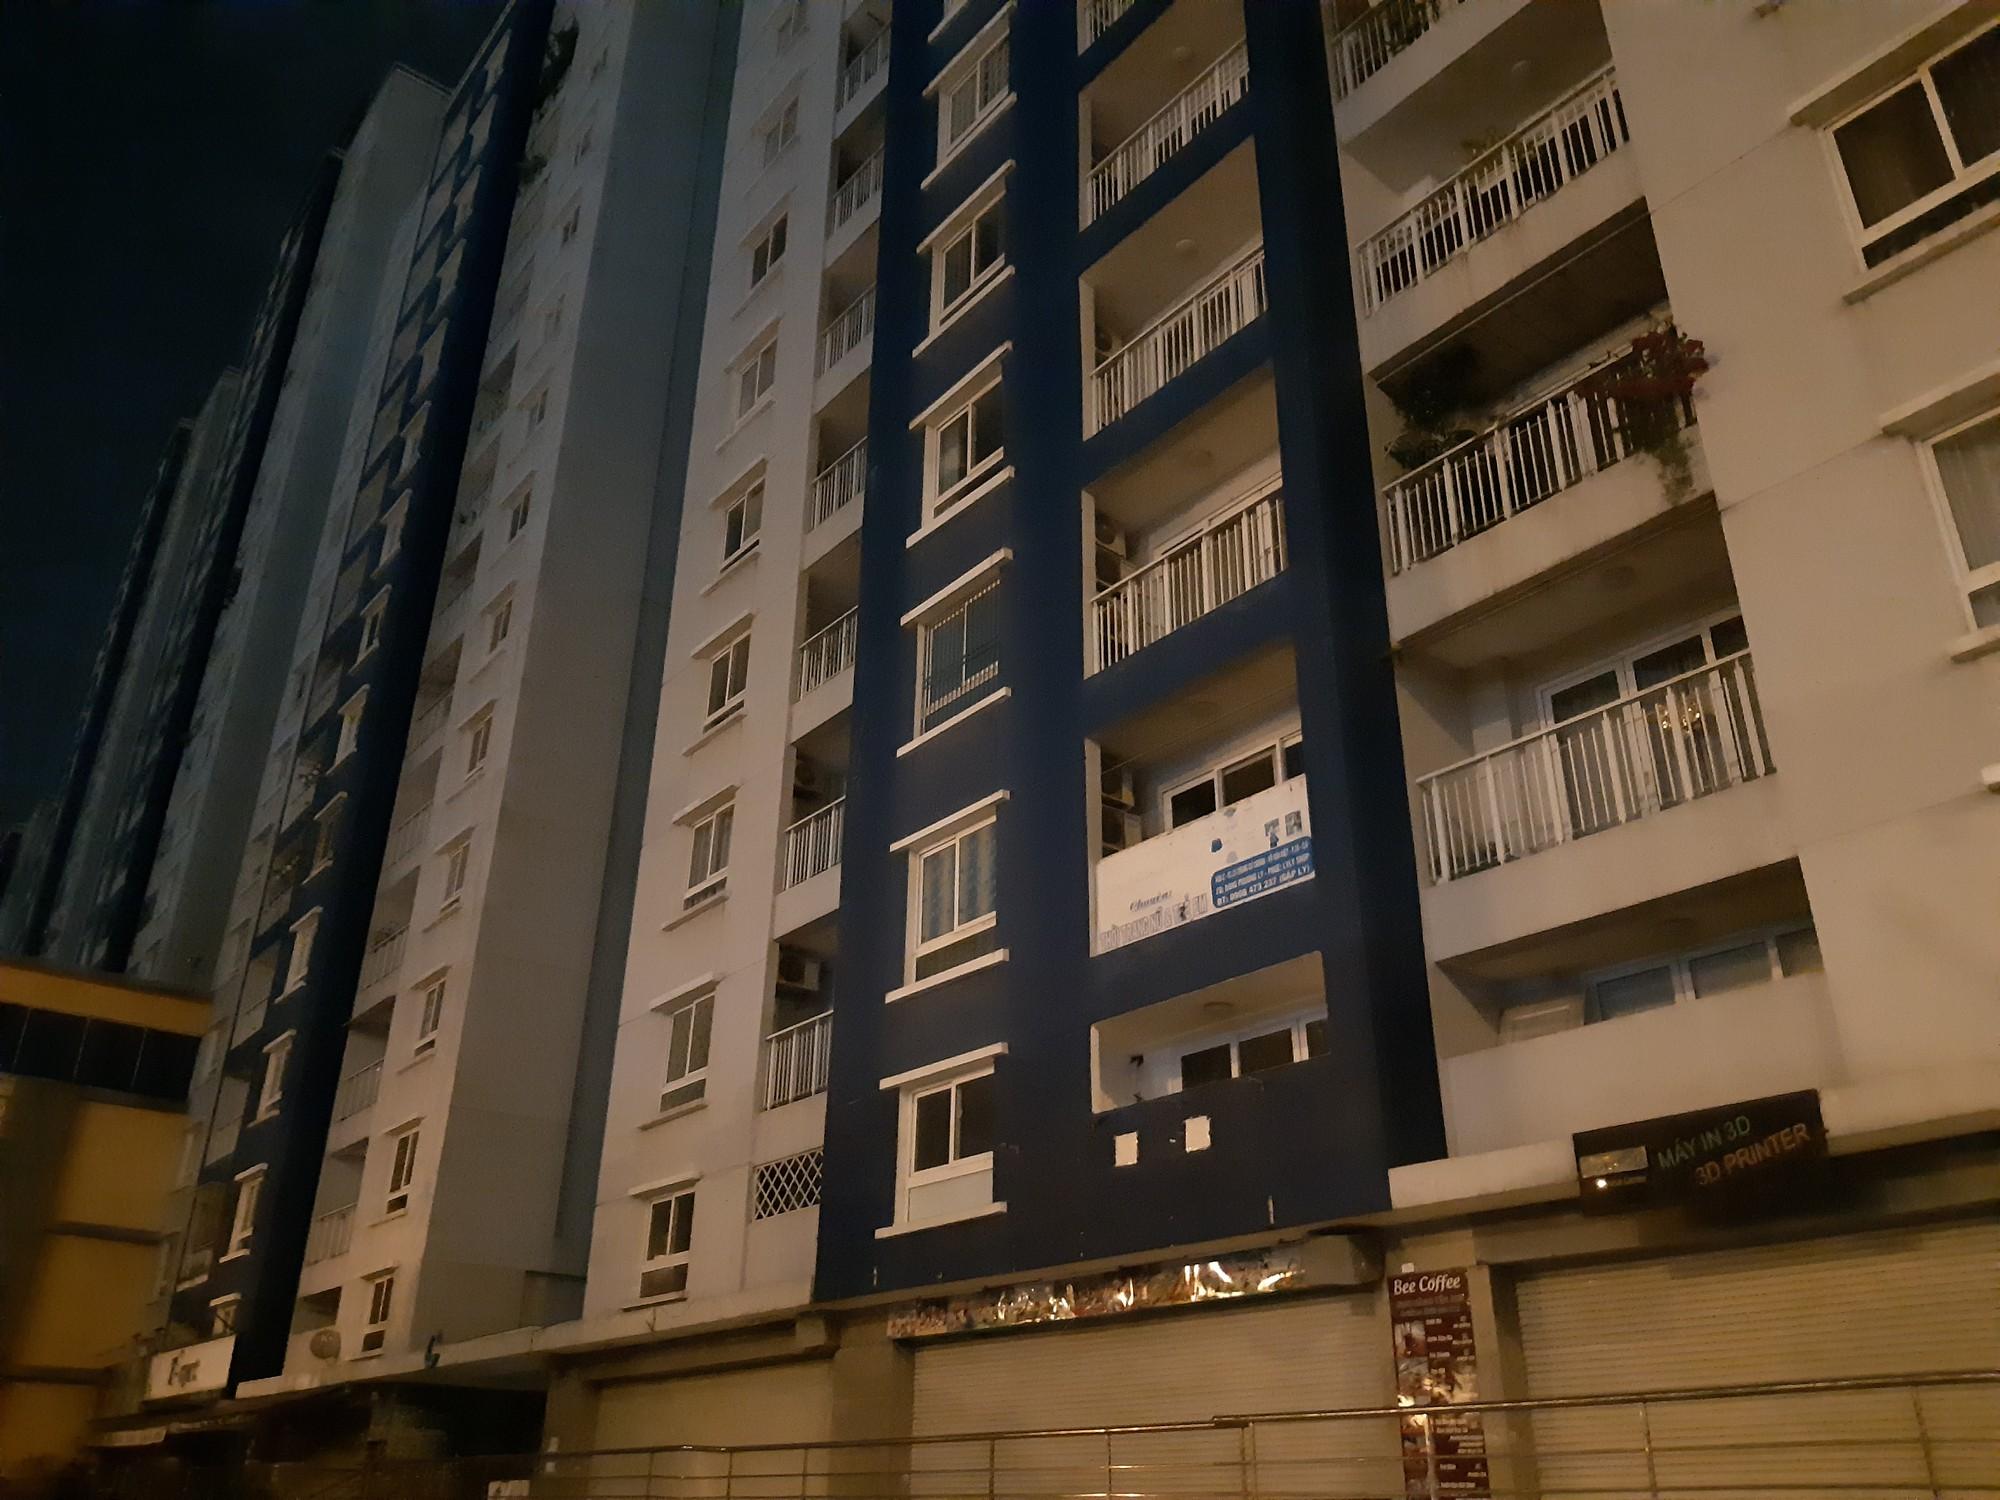 Cháy chung cư Carina: Sự sống không mất mà chỉ đổi thay… - Ảnh minh hoạ 21